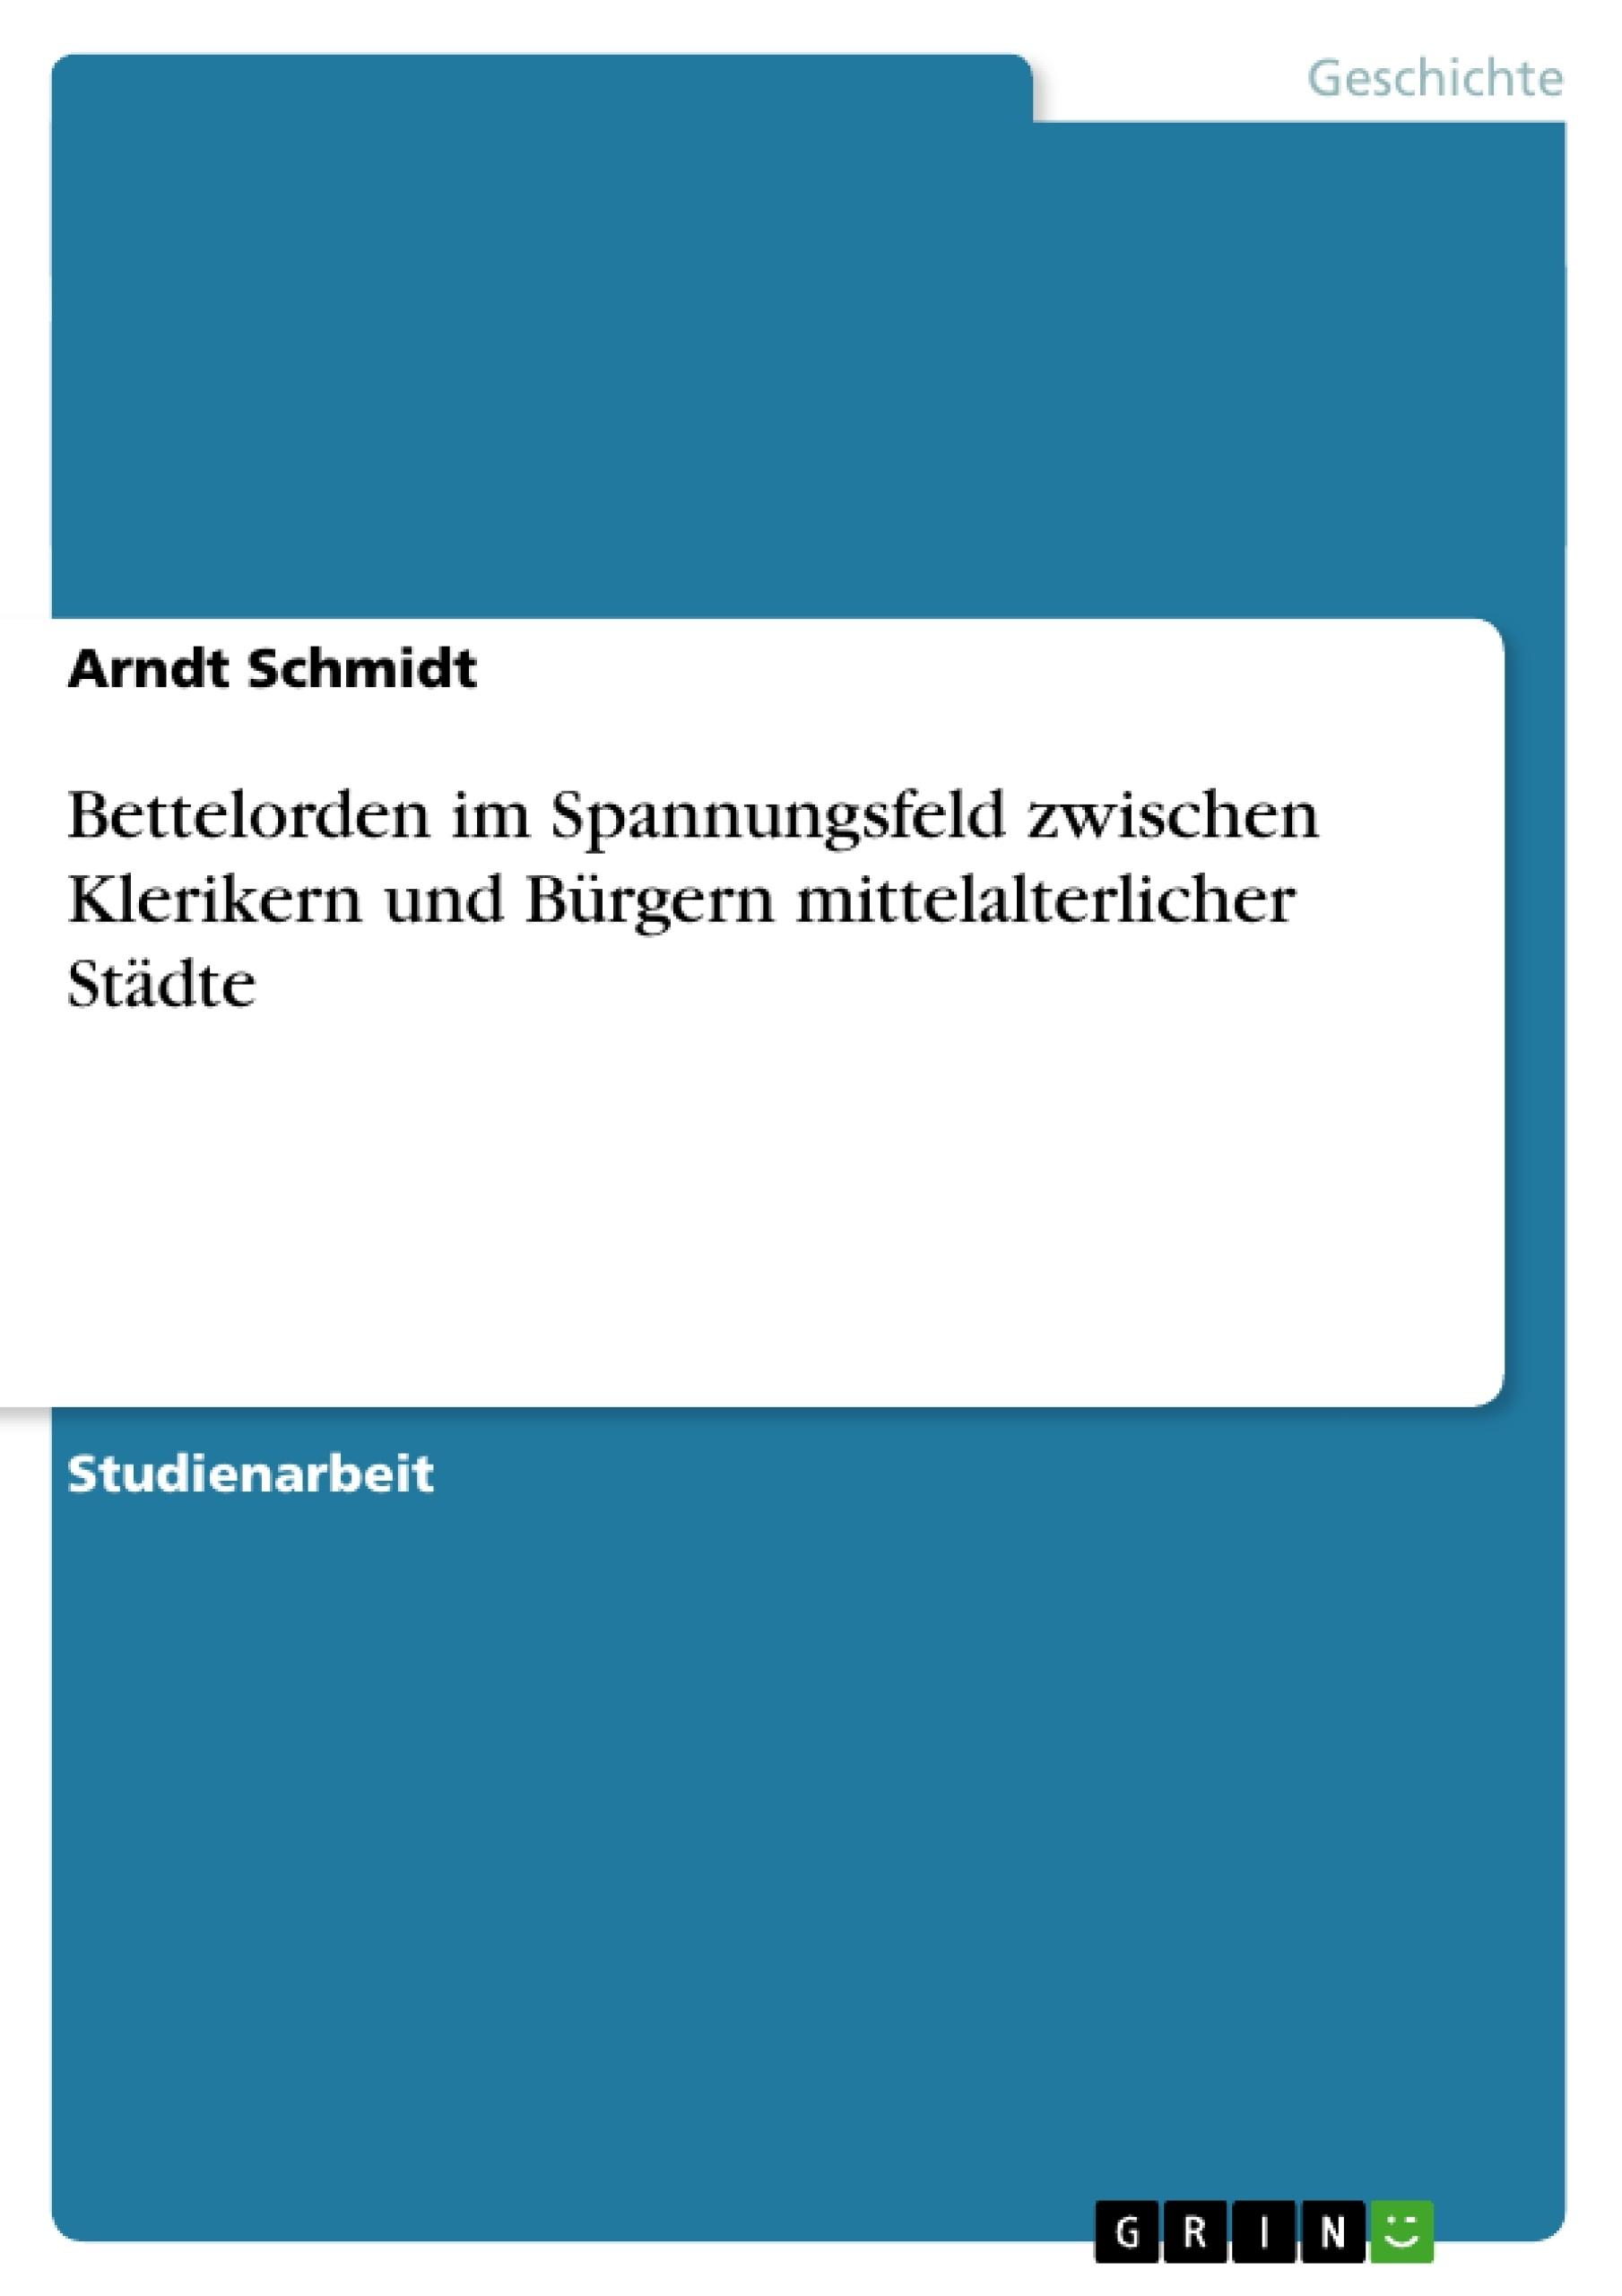 Titel: Bettelorden im Spannungsfeld zwischen Klerikern und Bürgern mittelalterlicher Städte